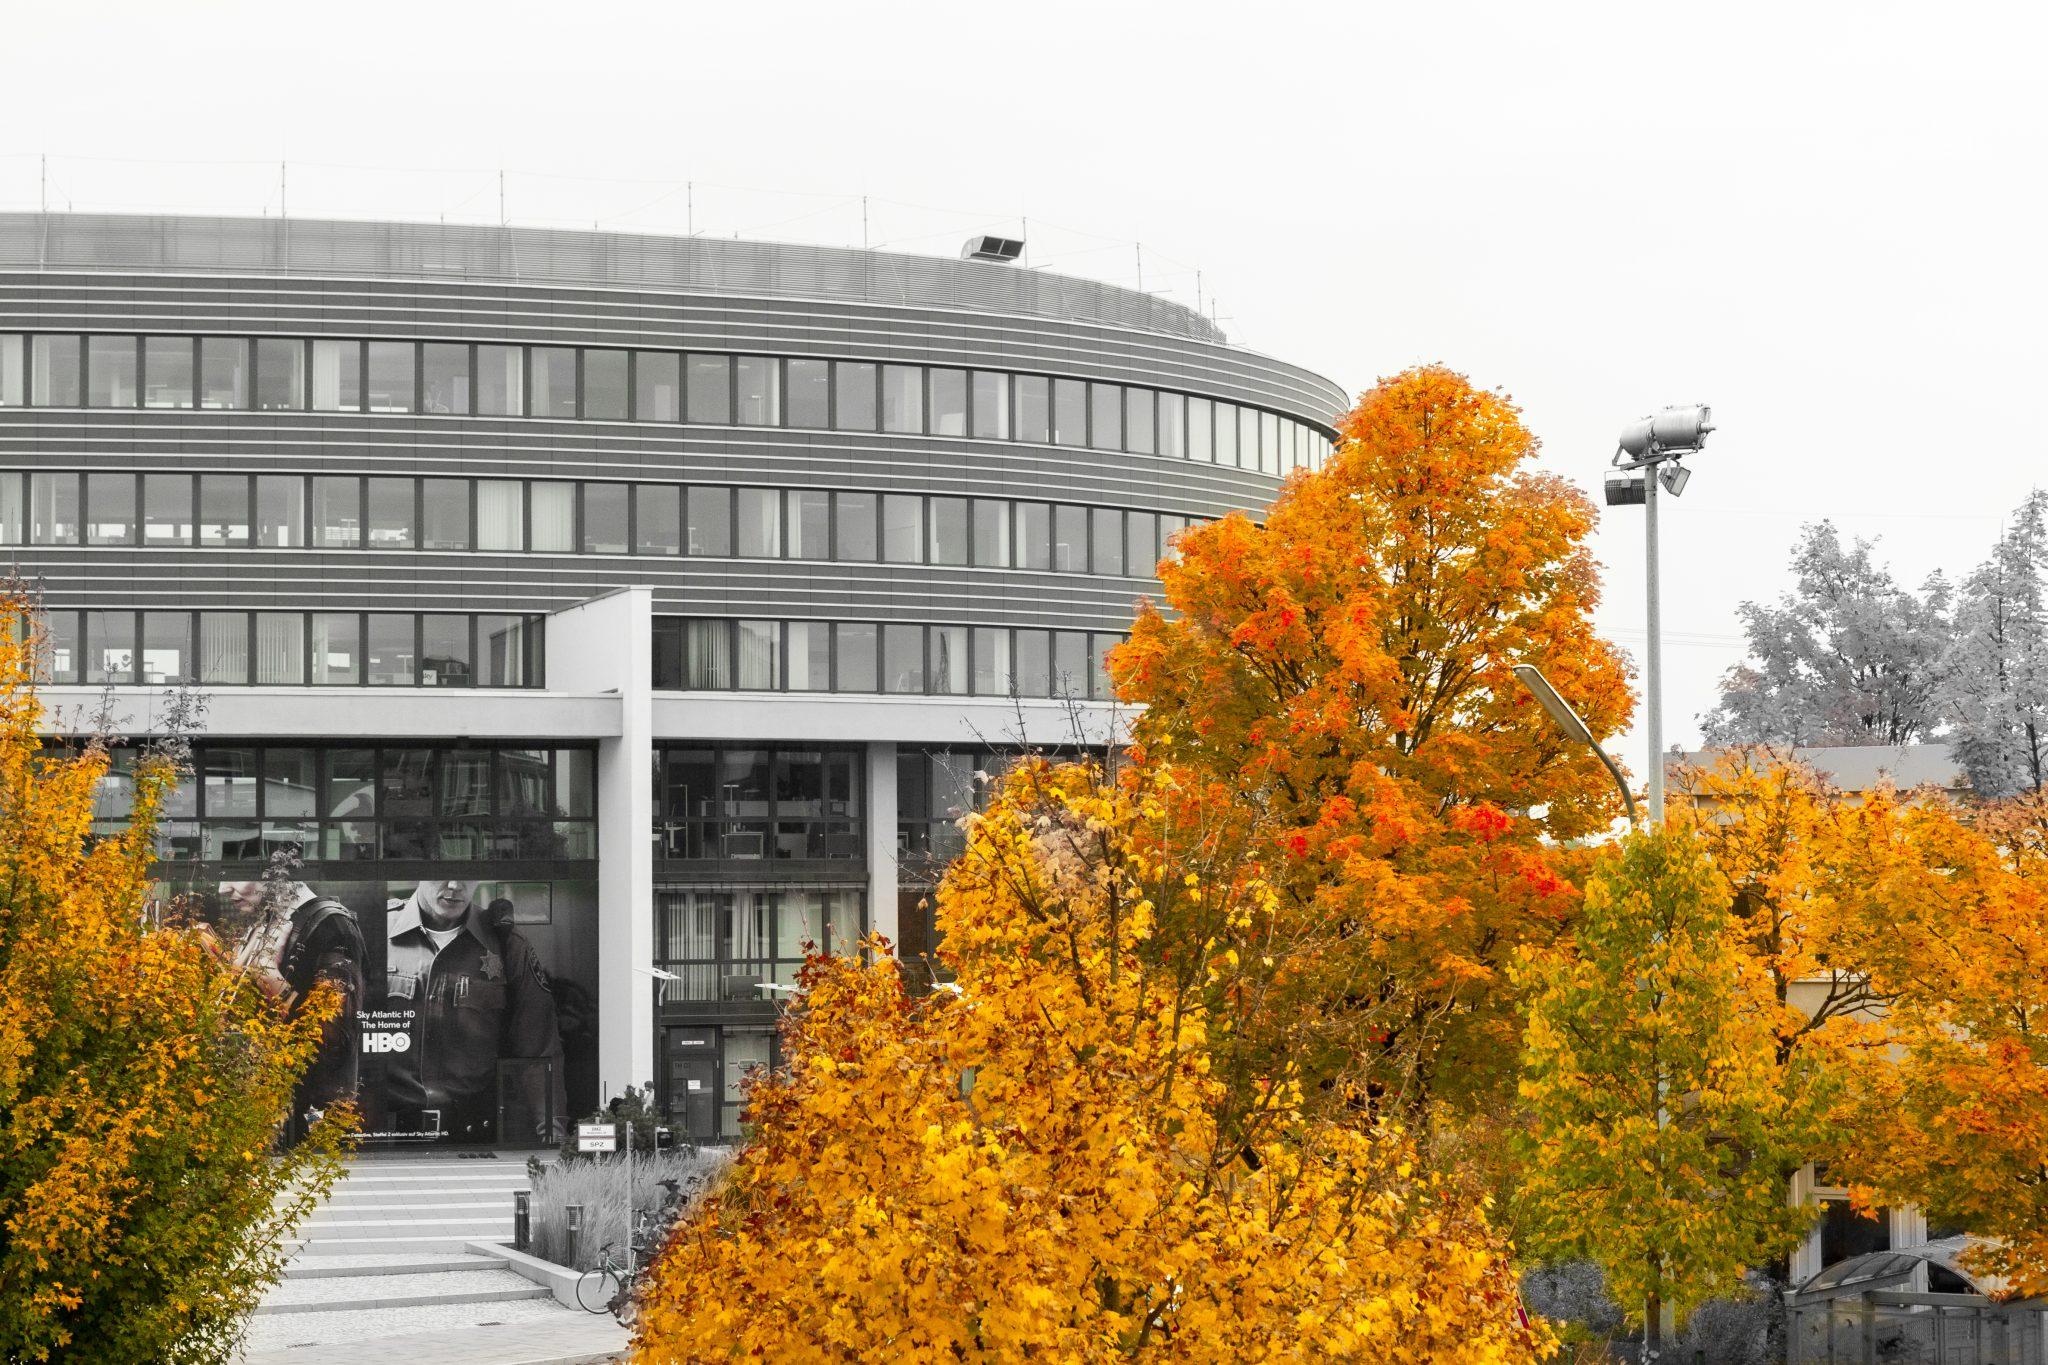 Herbst in Unterföhring